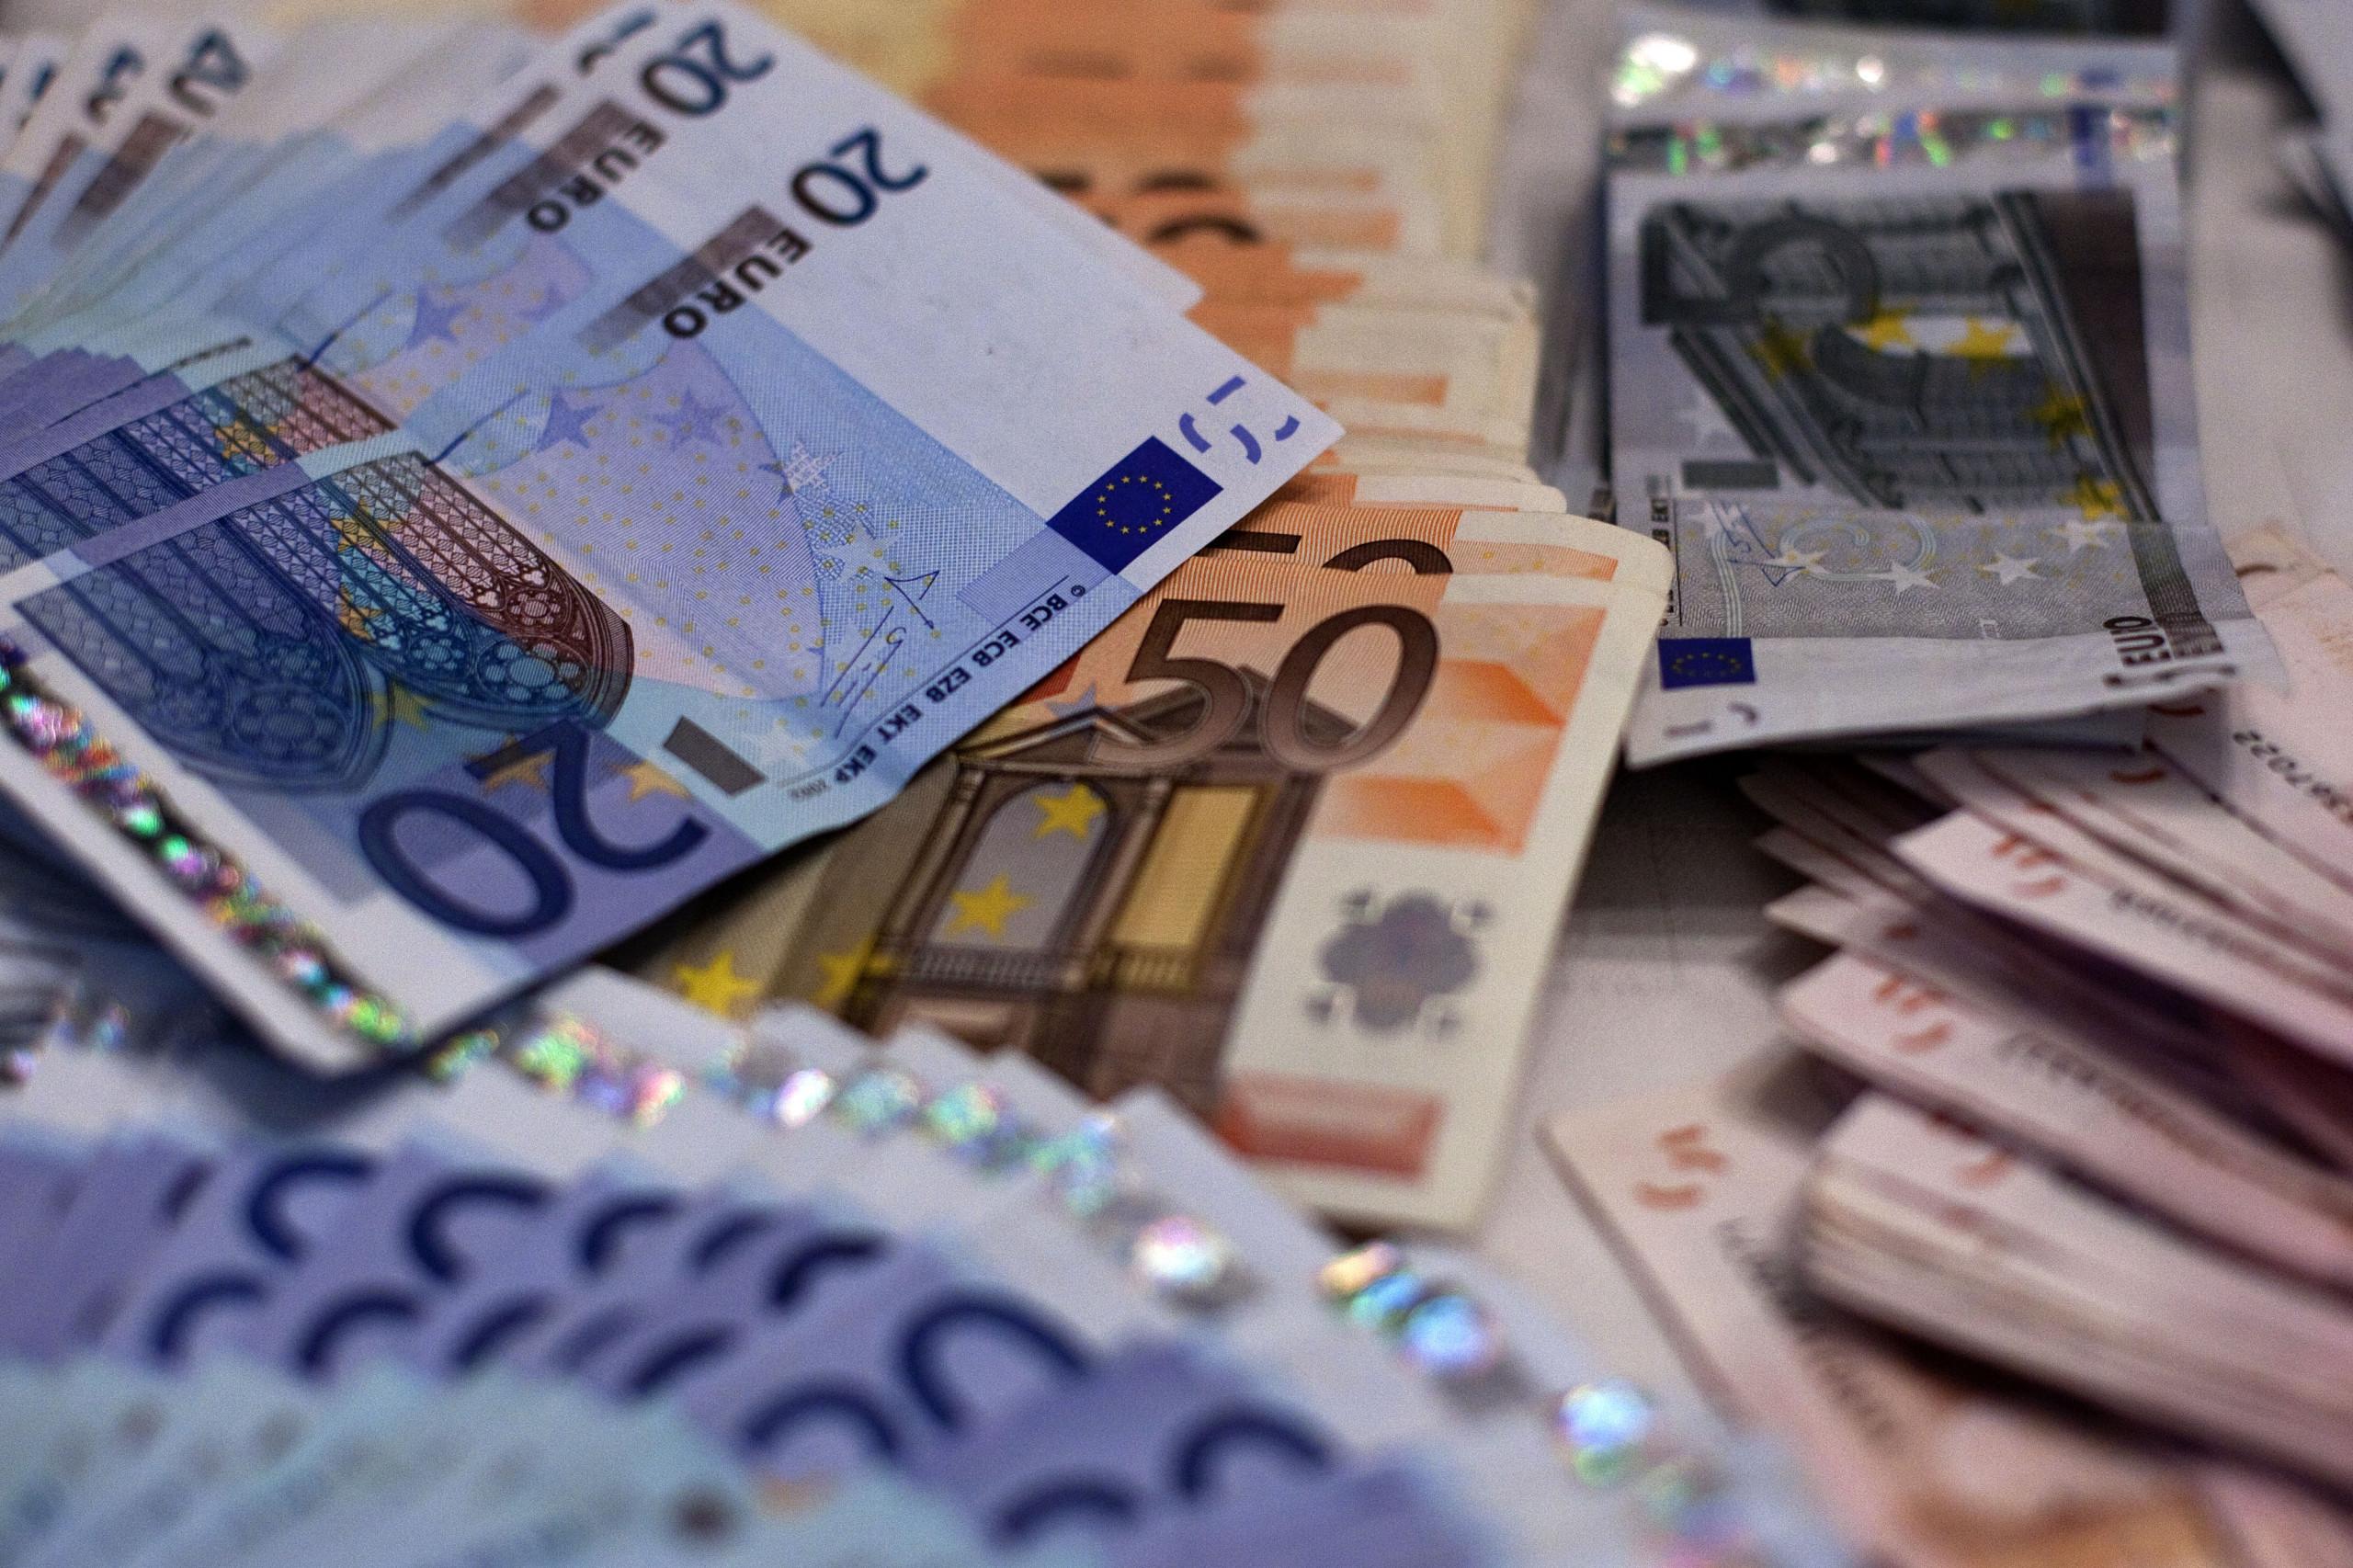 Custos dos comerciantes com meios de pagamento somaram 1.206 milhões